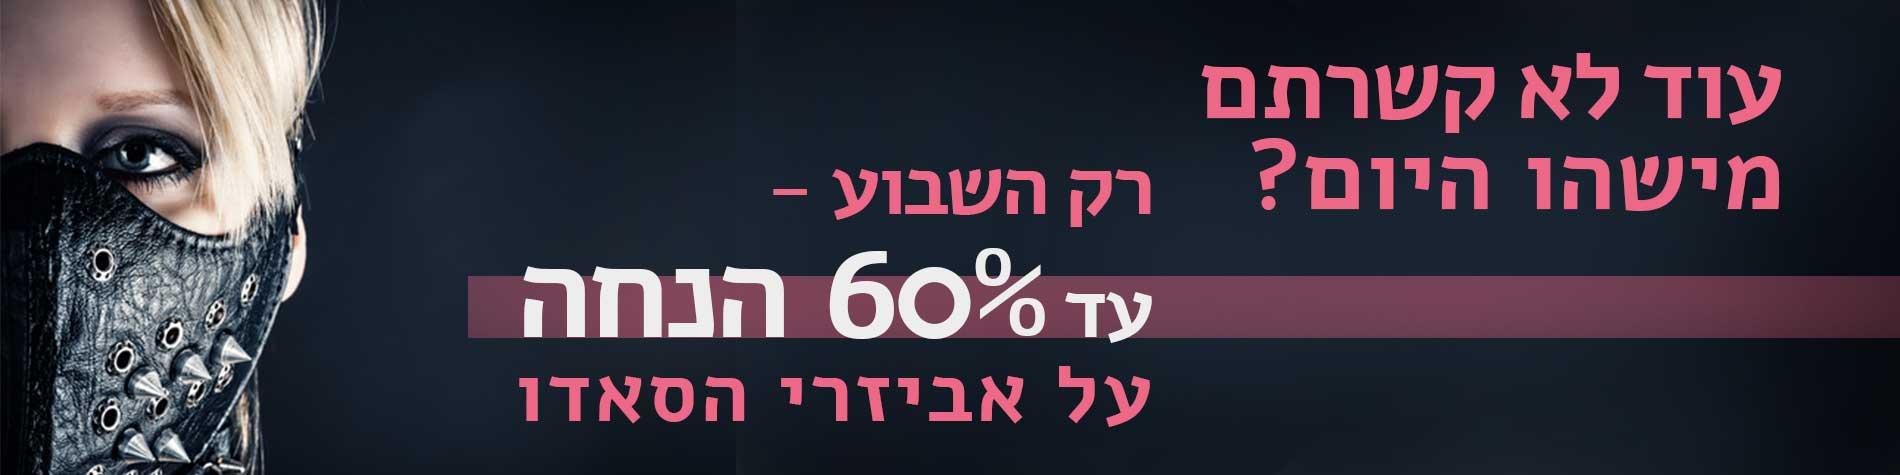 עד 60 אחוז הנחה על מחלקת אביזרי סאדו